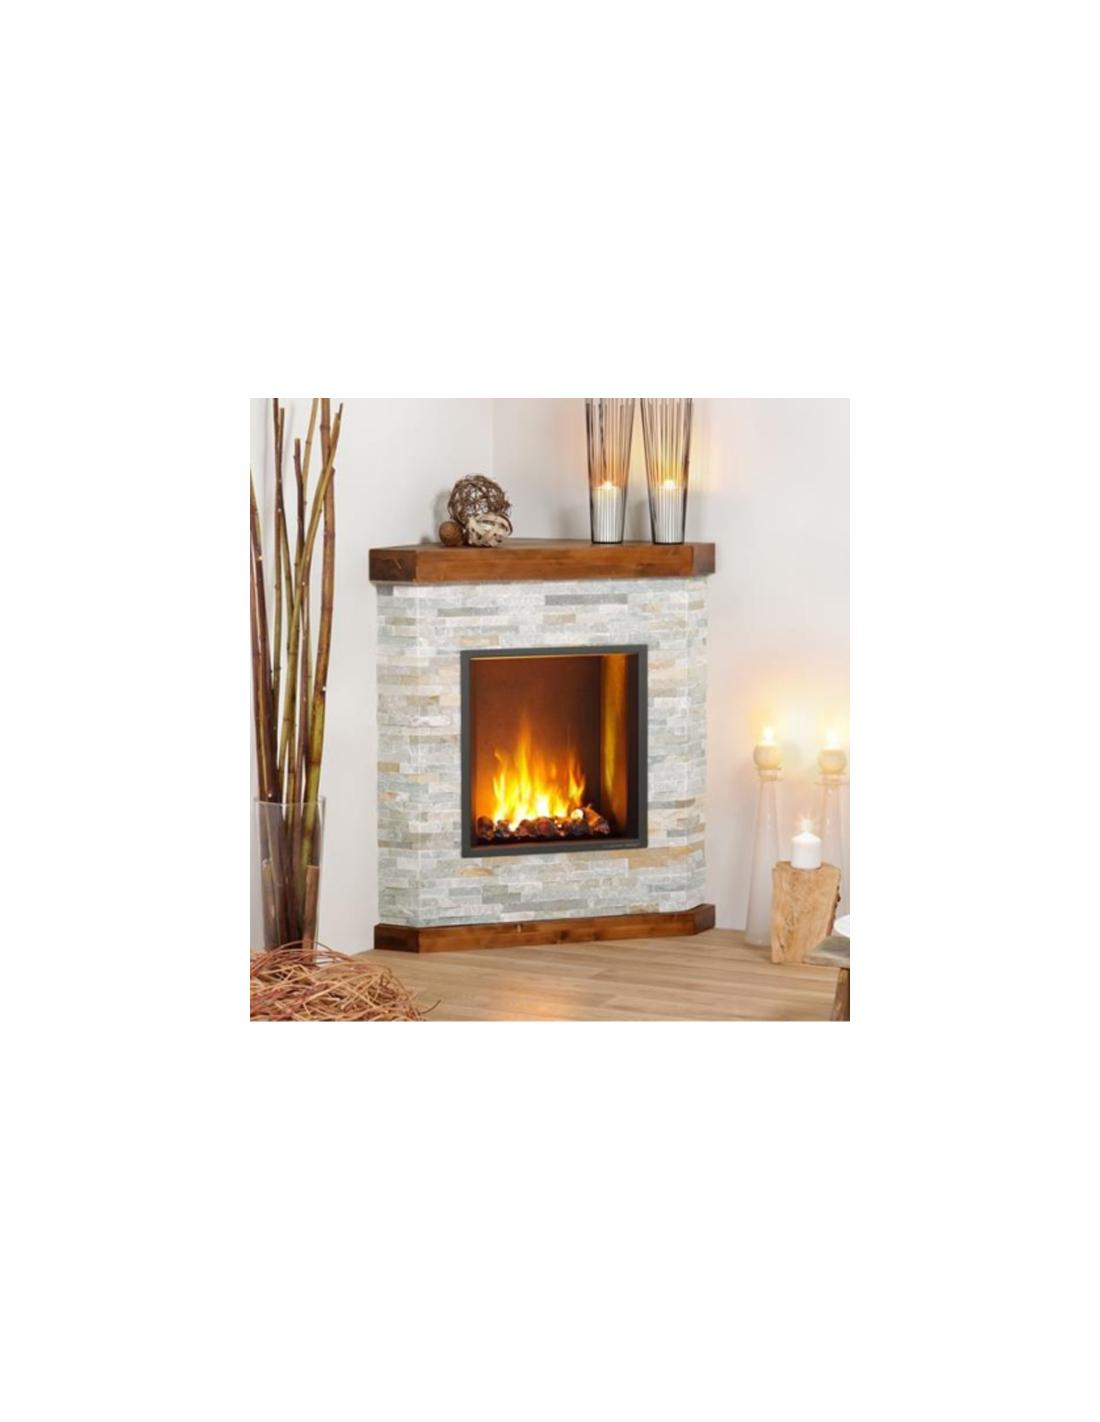 Comprar chimenea el ctrica esquina - Chimeneas artificiales decorativas ...